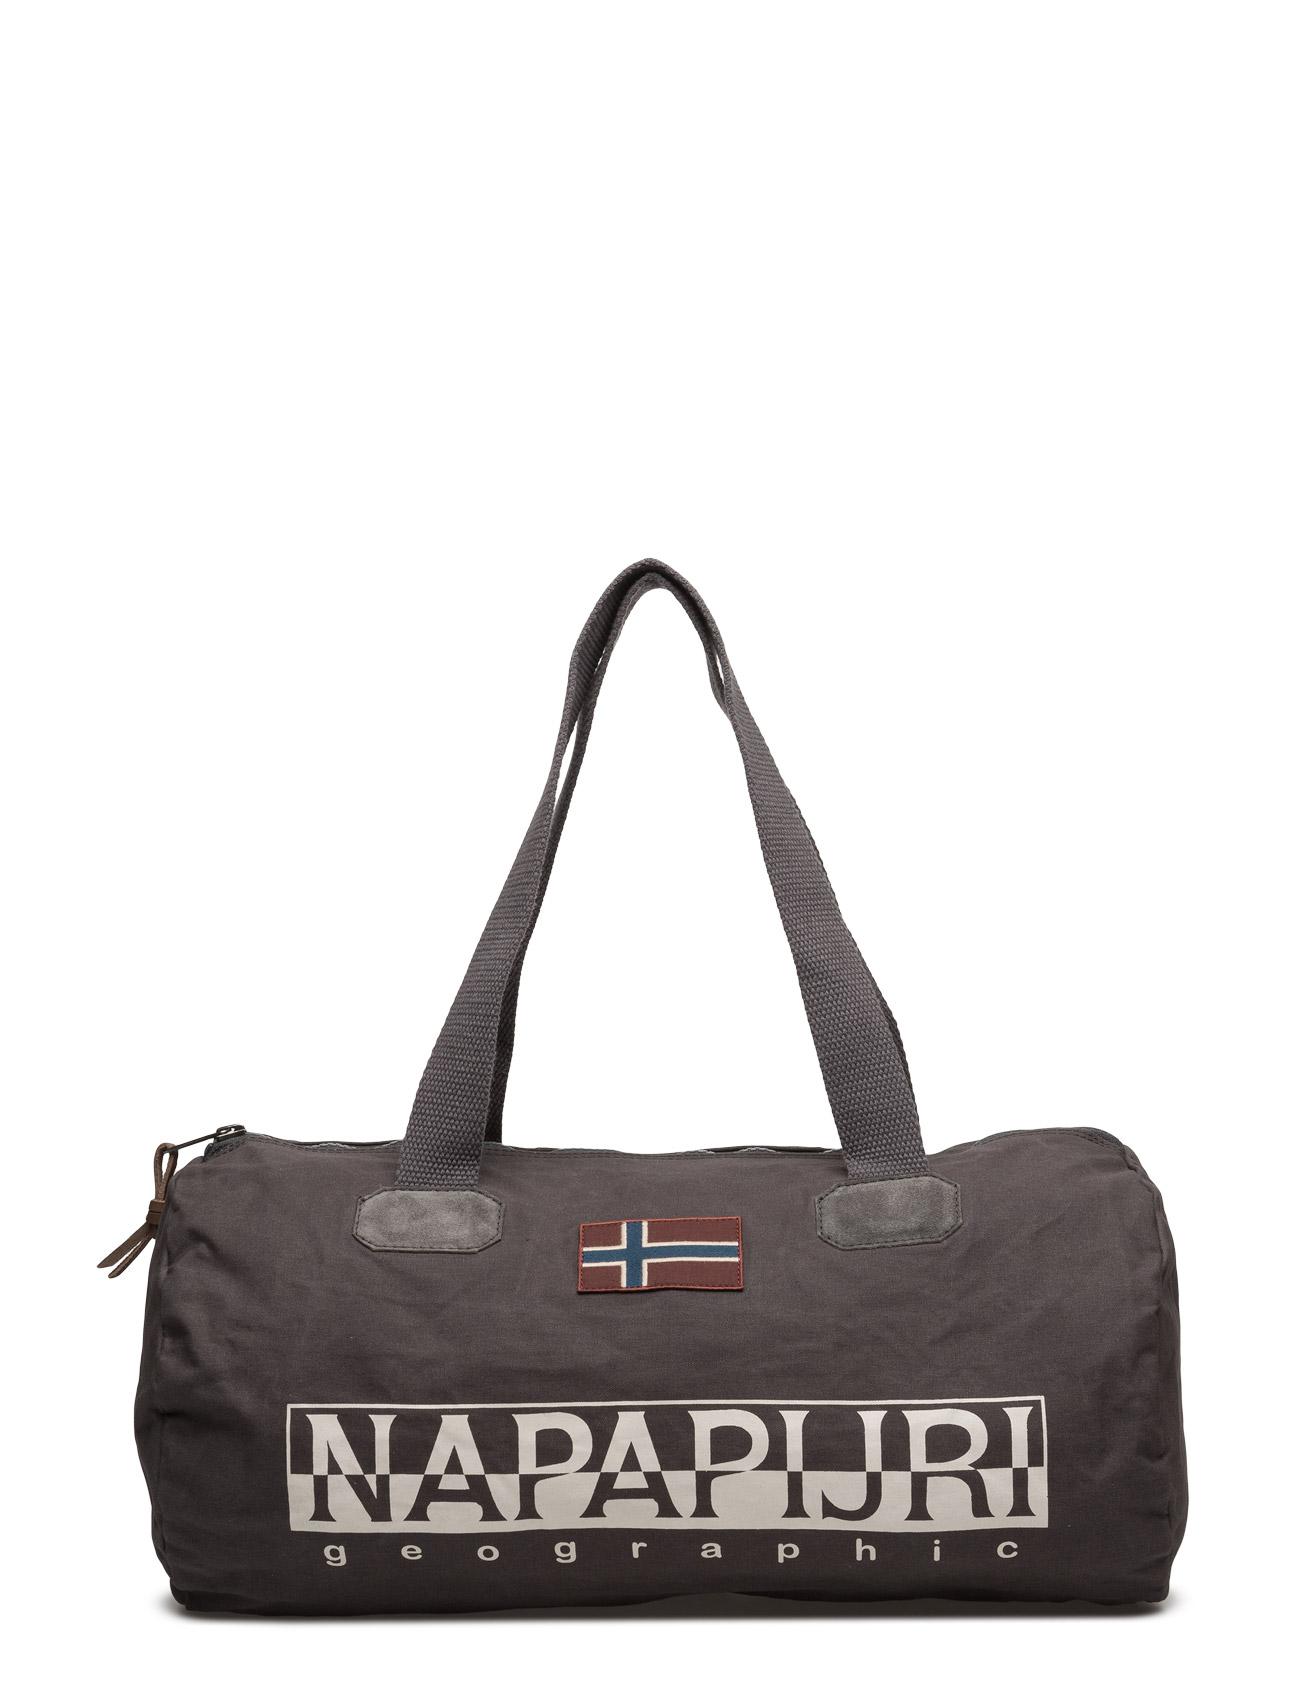 Bering Napapijri Sportstasker til Mænd i